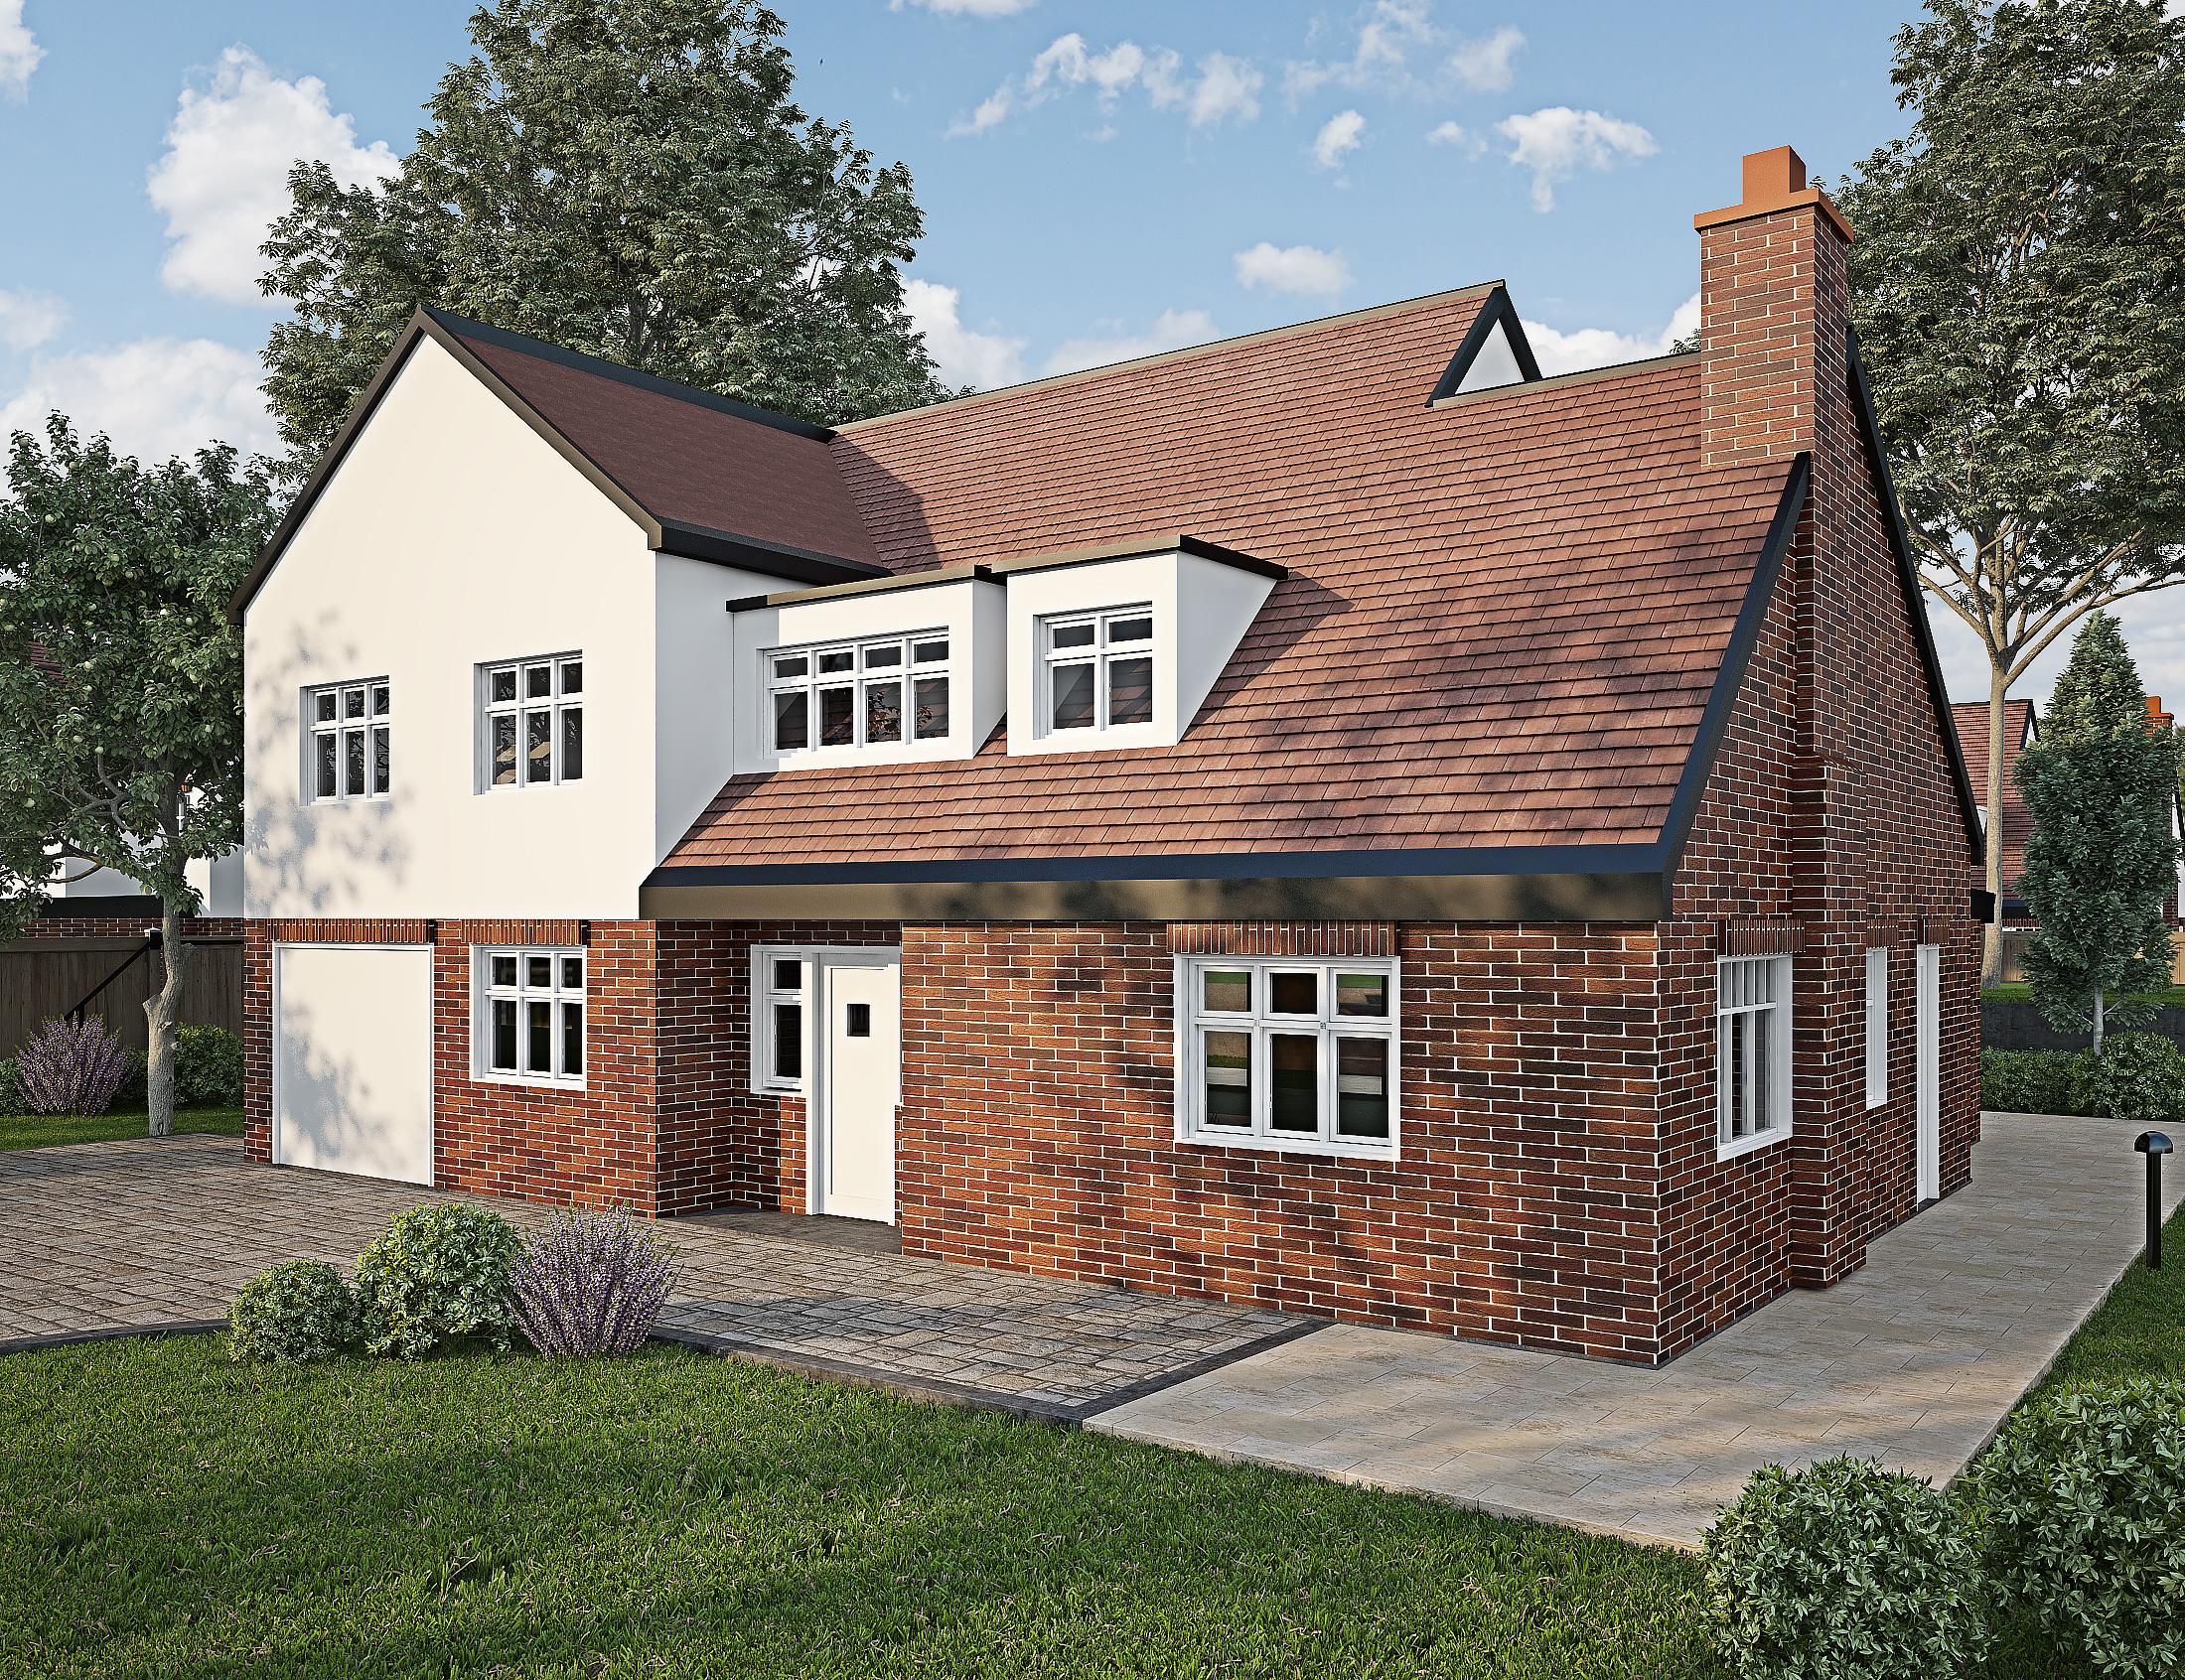 336-Wakehams Hill, Pinner,Harrow v2